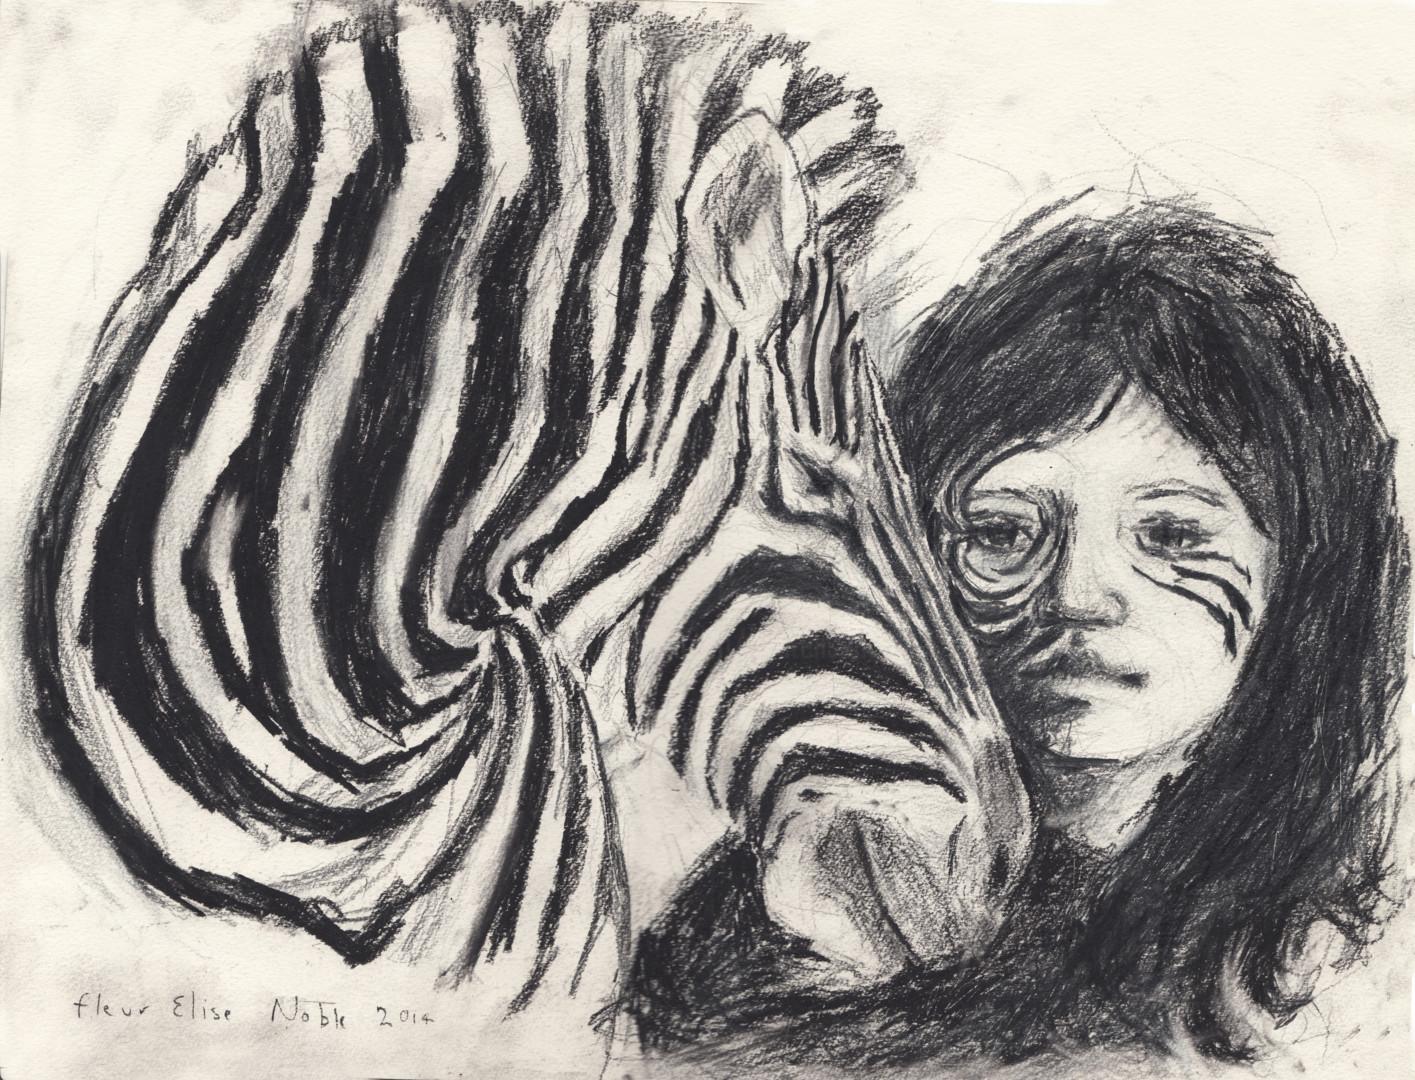 Fleur Elise Noble - Zebra Girl